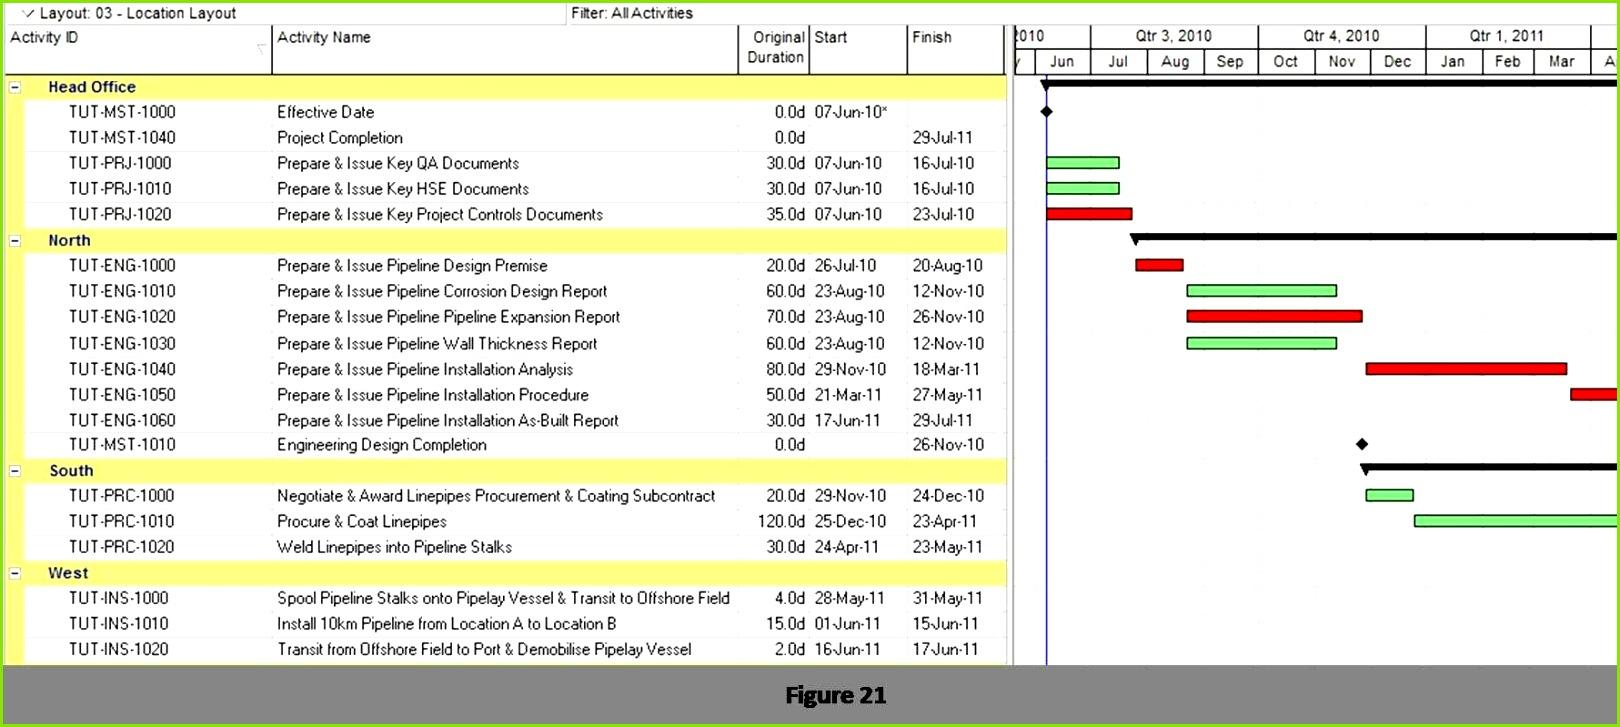 Schichtplan Excel Vorlage Kostenlos Schichtplaner Excel Kostenlos Modell Schön Schichtplan Vorlage 3